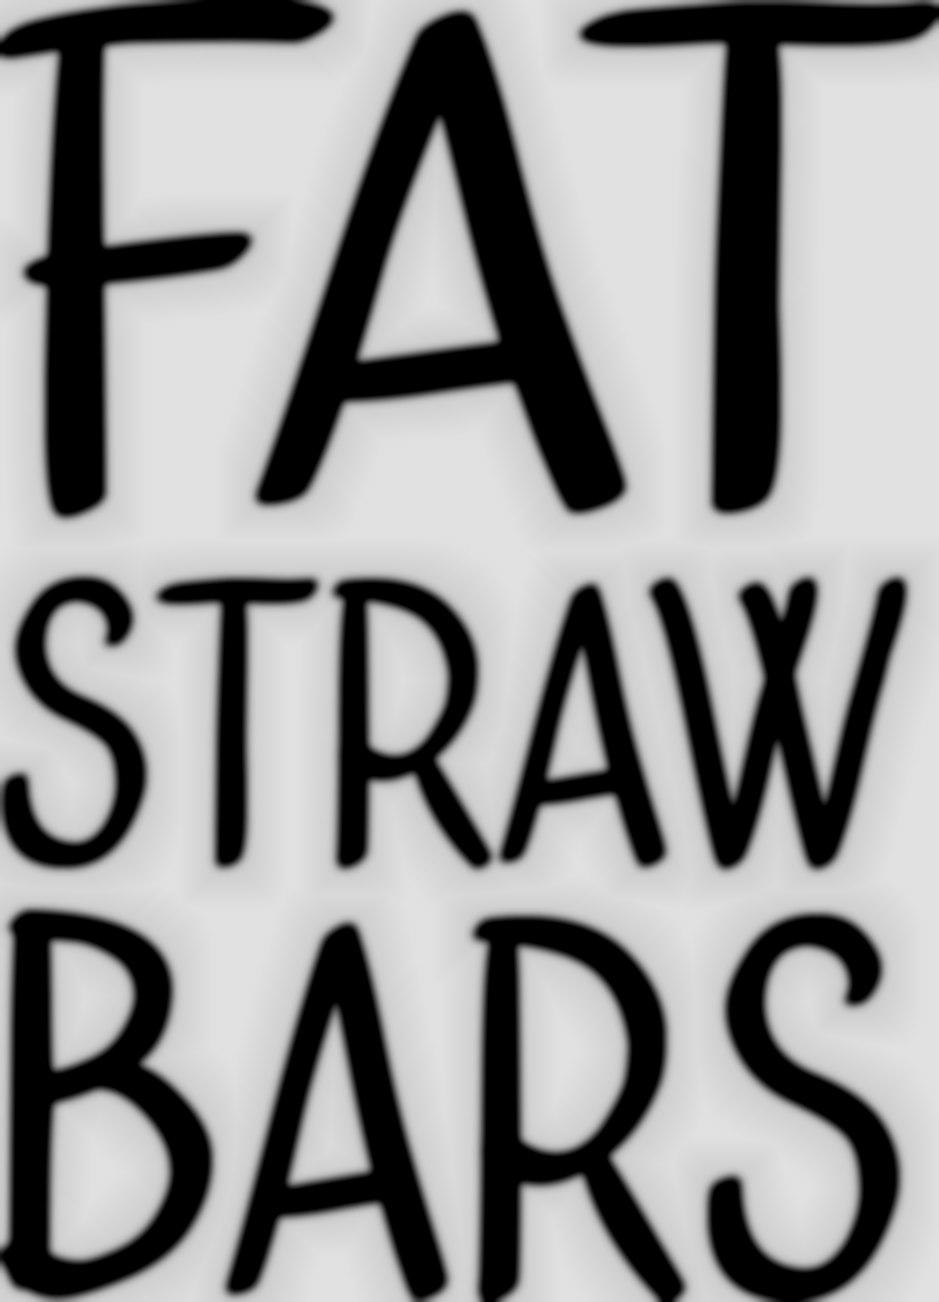 Fat Straw Bars